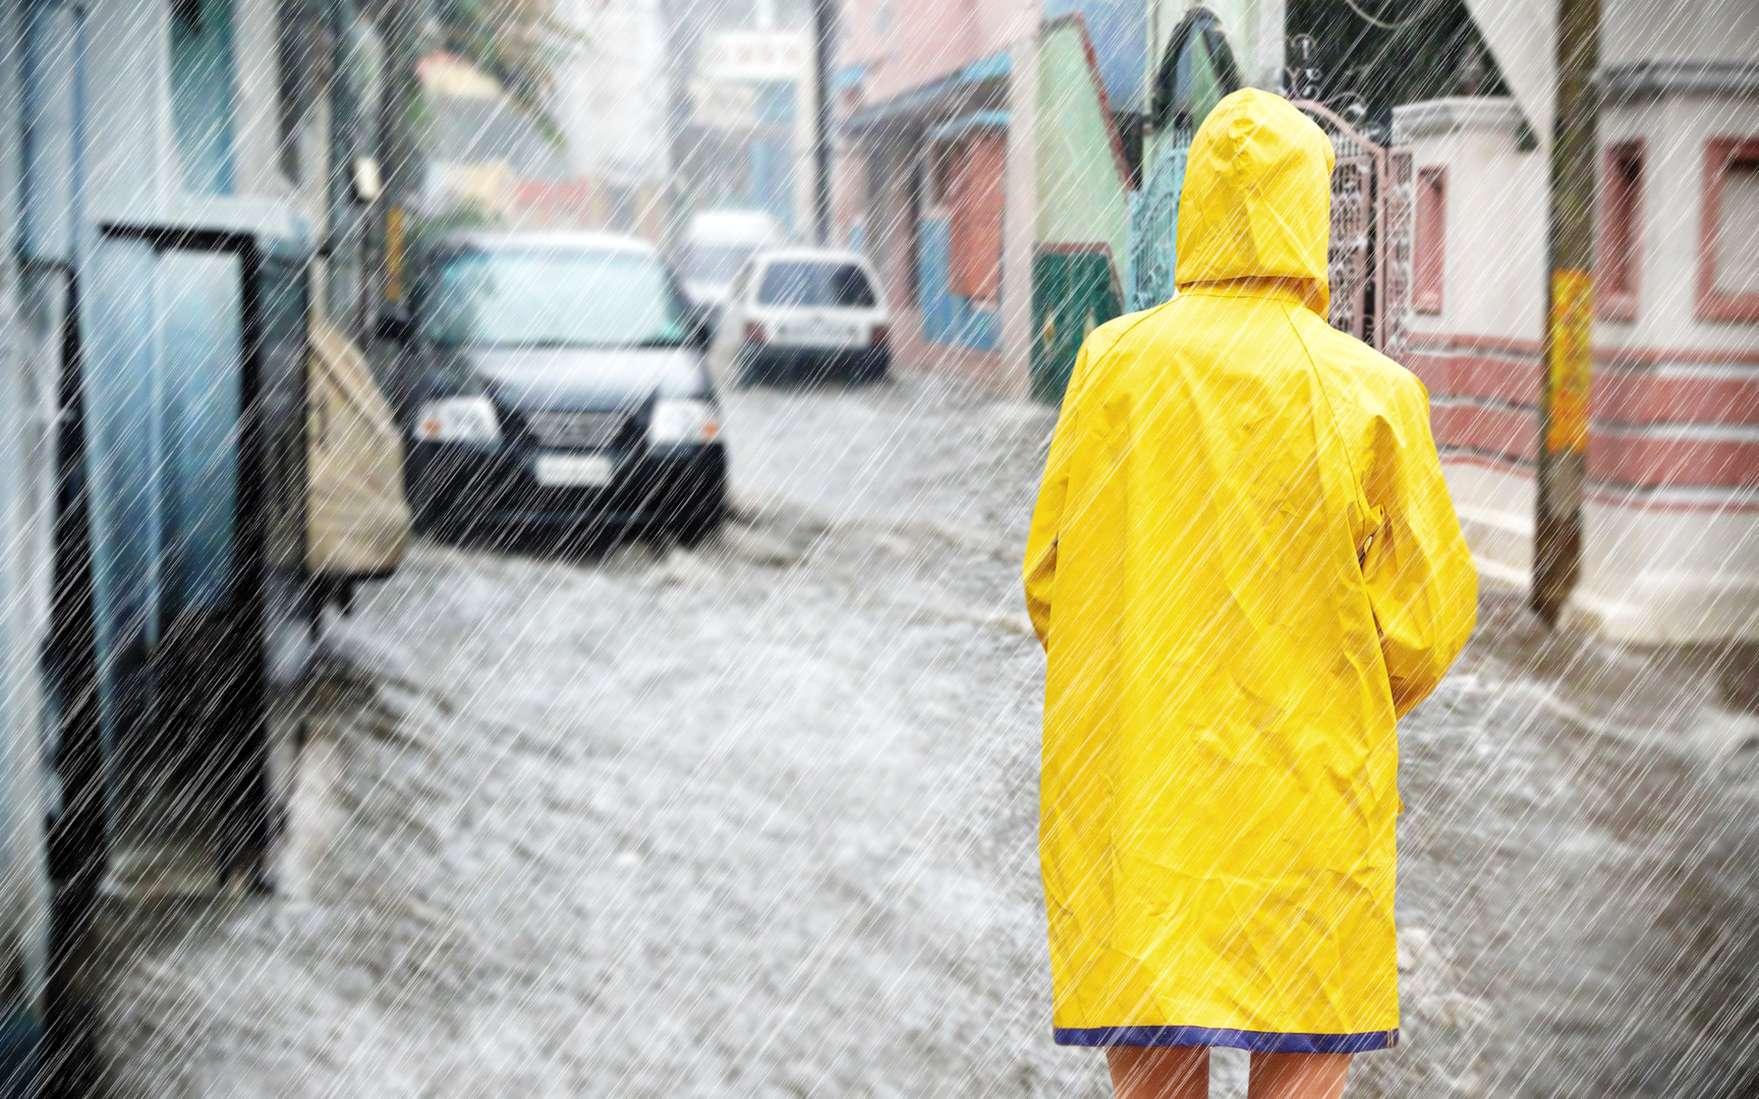 Les inondations vont probablement s'accentuer avec le réchauffement climatique. © Jürgen Fälchle, fotolia